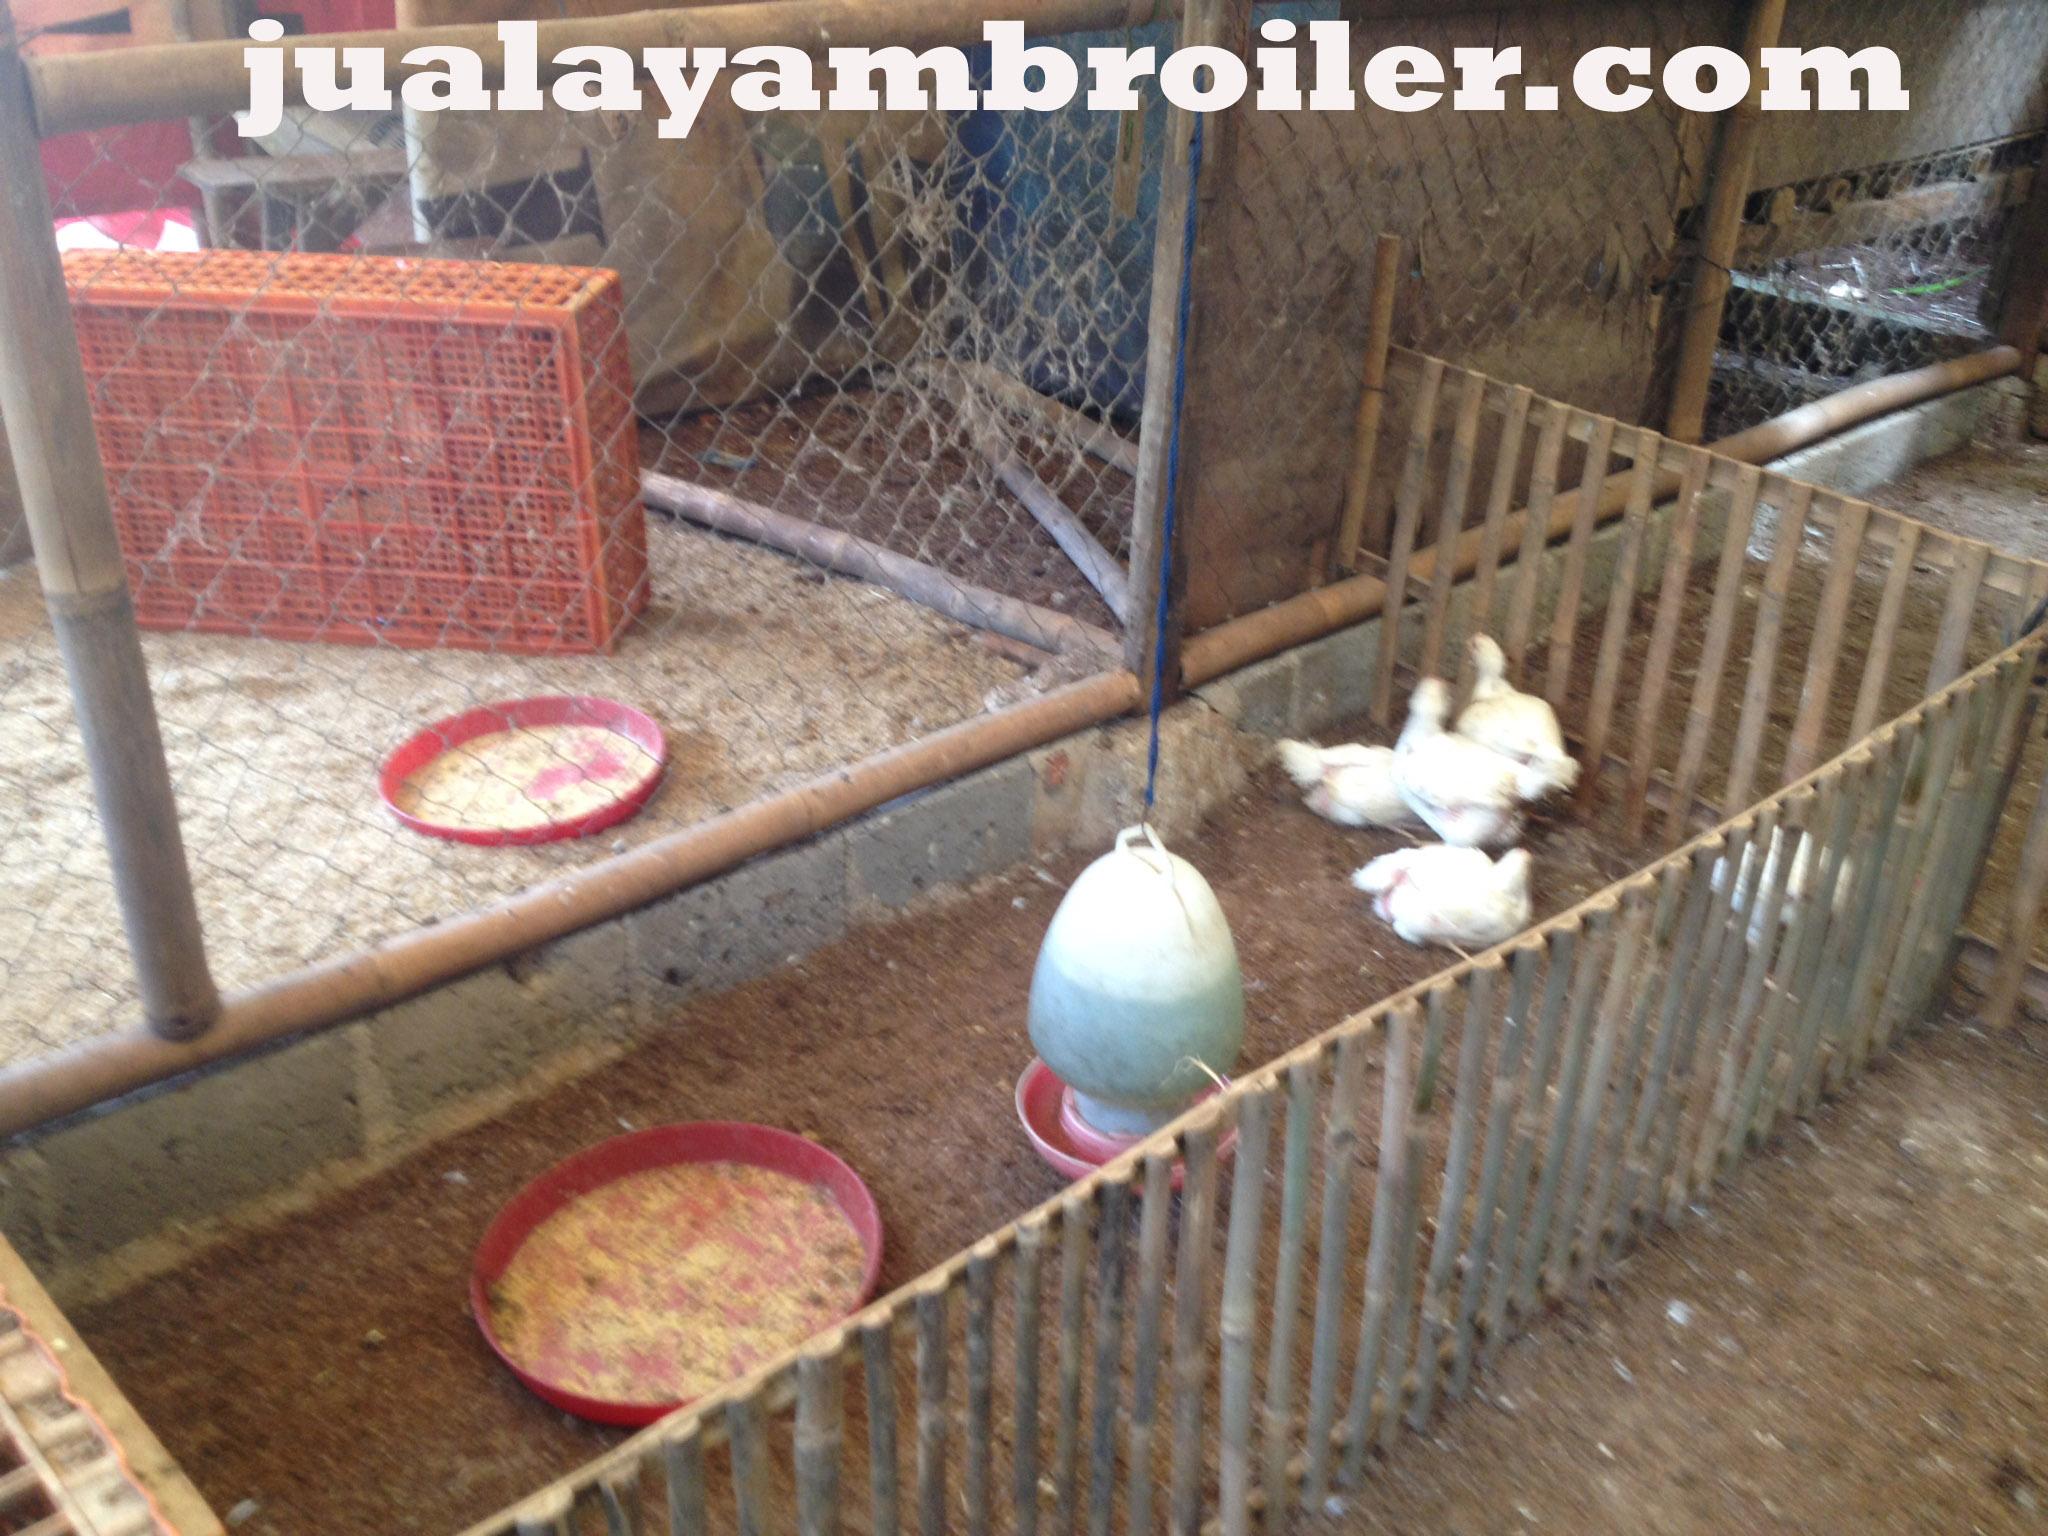 Jual Ayam Broiler di Penggilingan Jakarta Timur